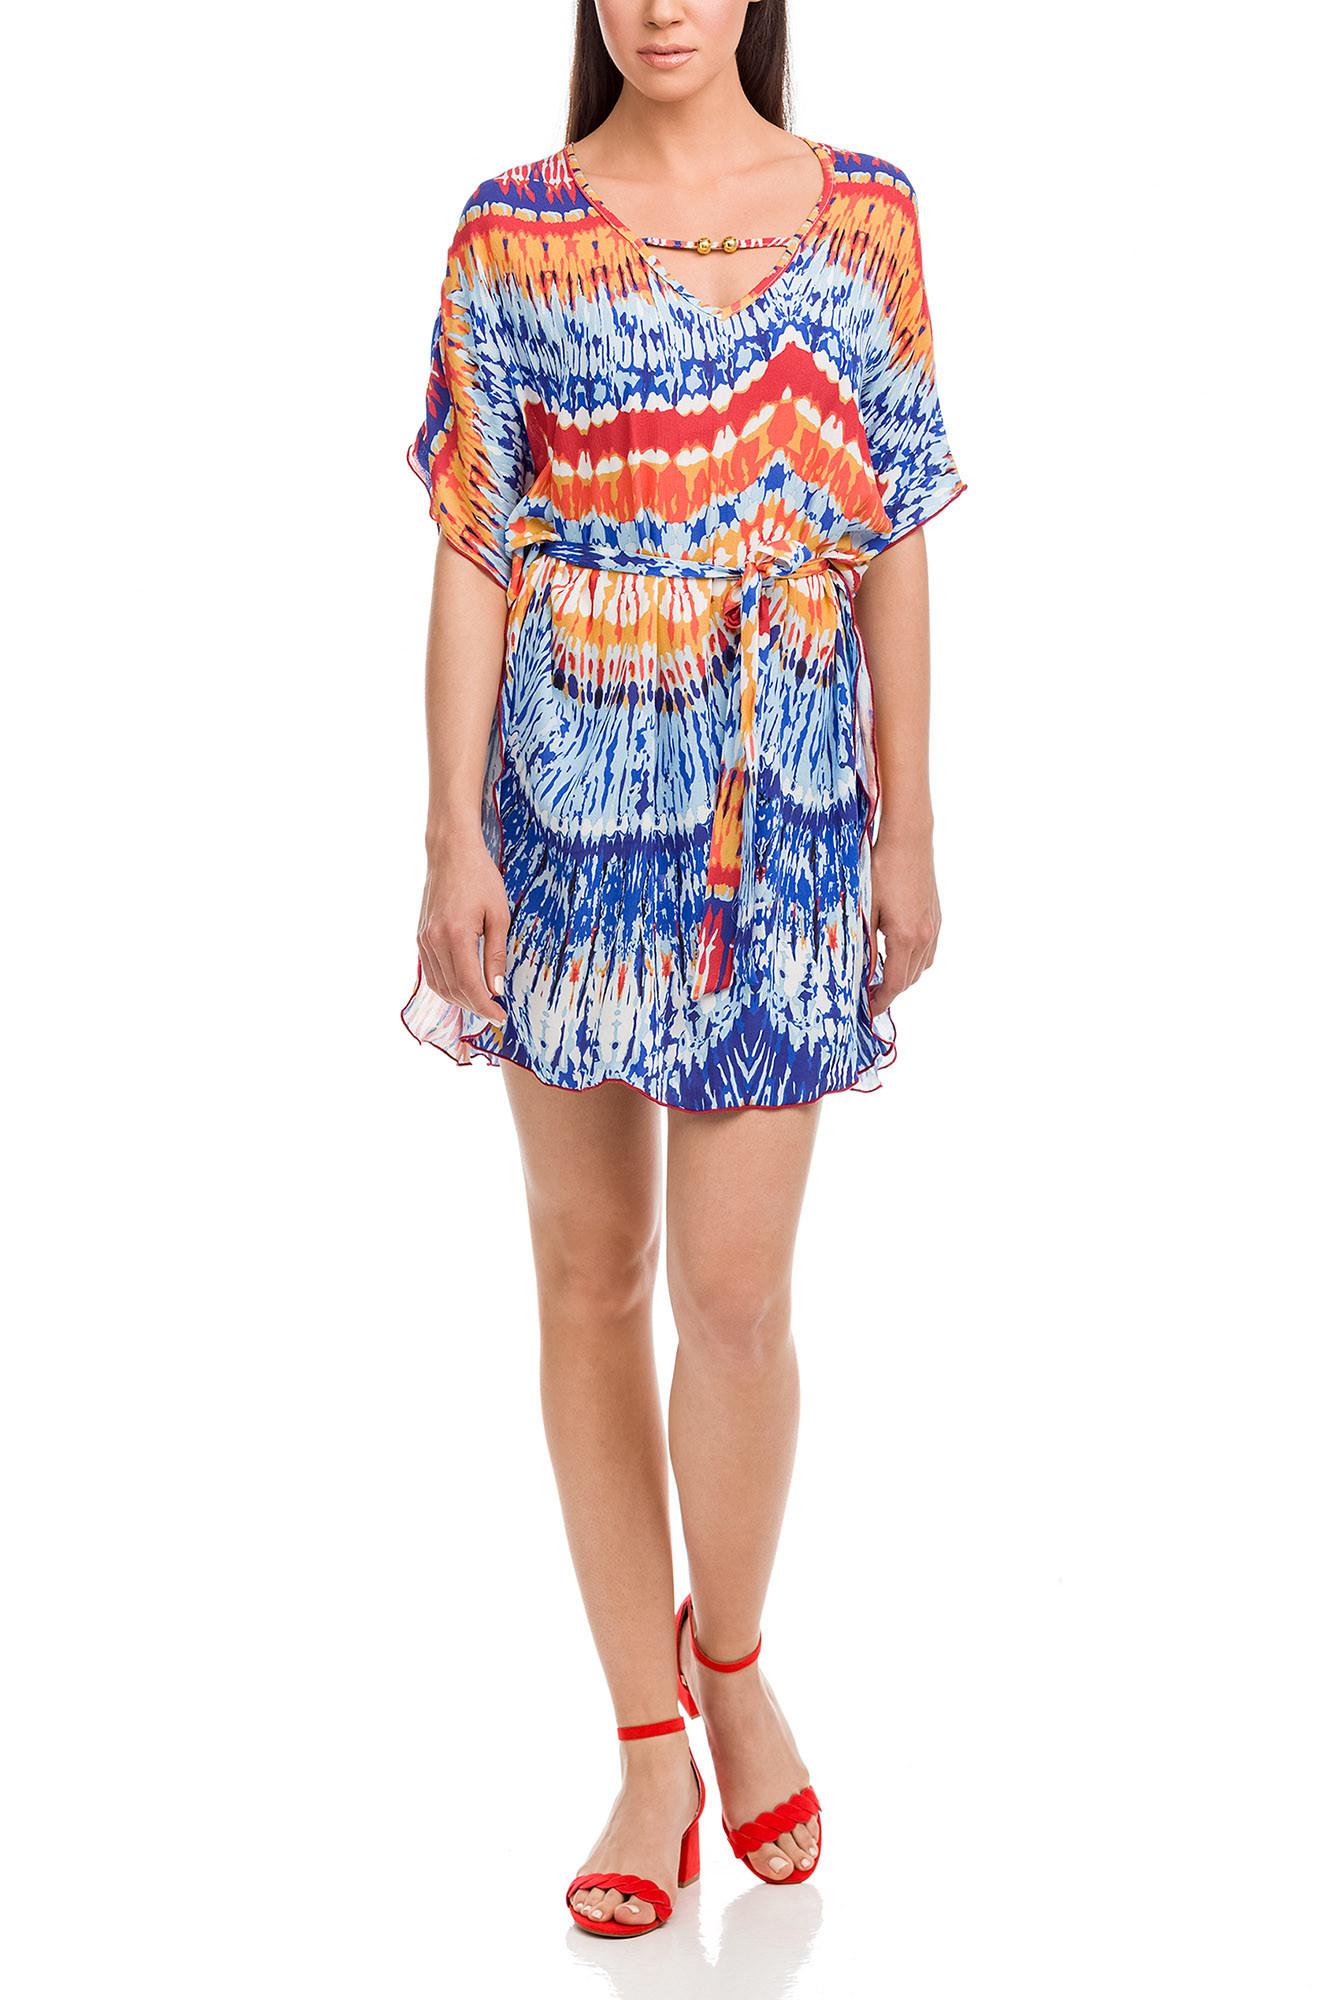 Vamp - Dámske šaty 12540 - Vamp blue palace xl